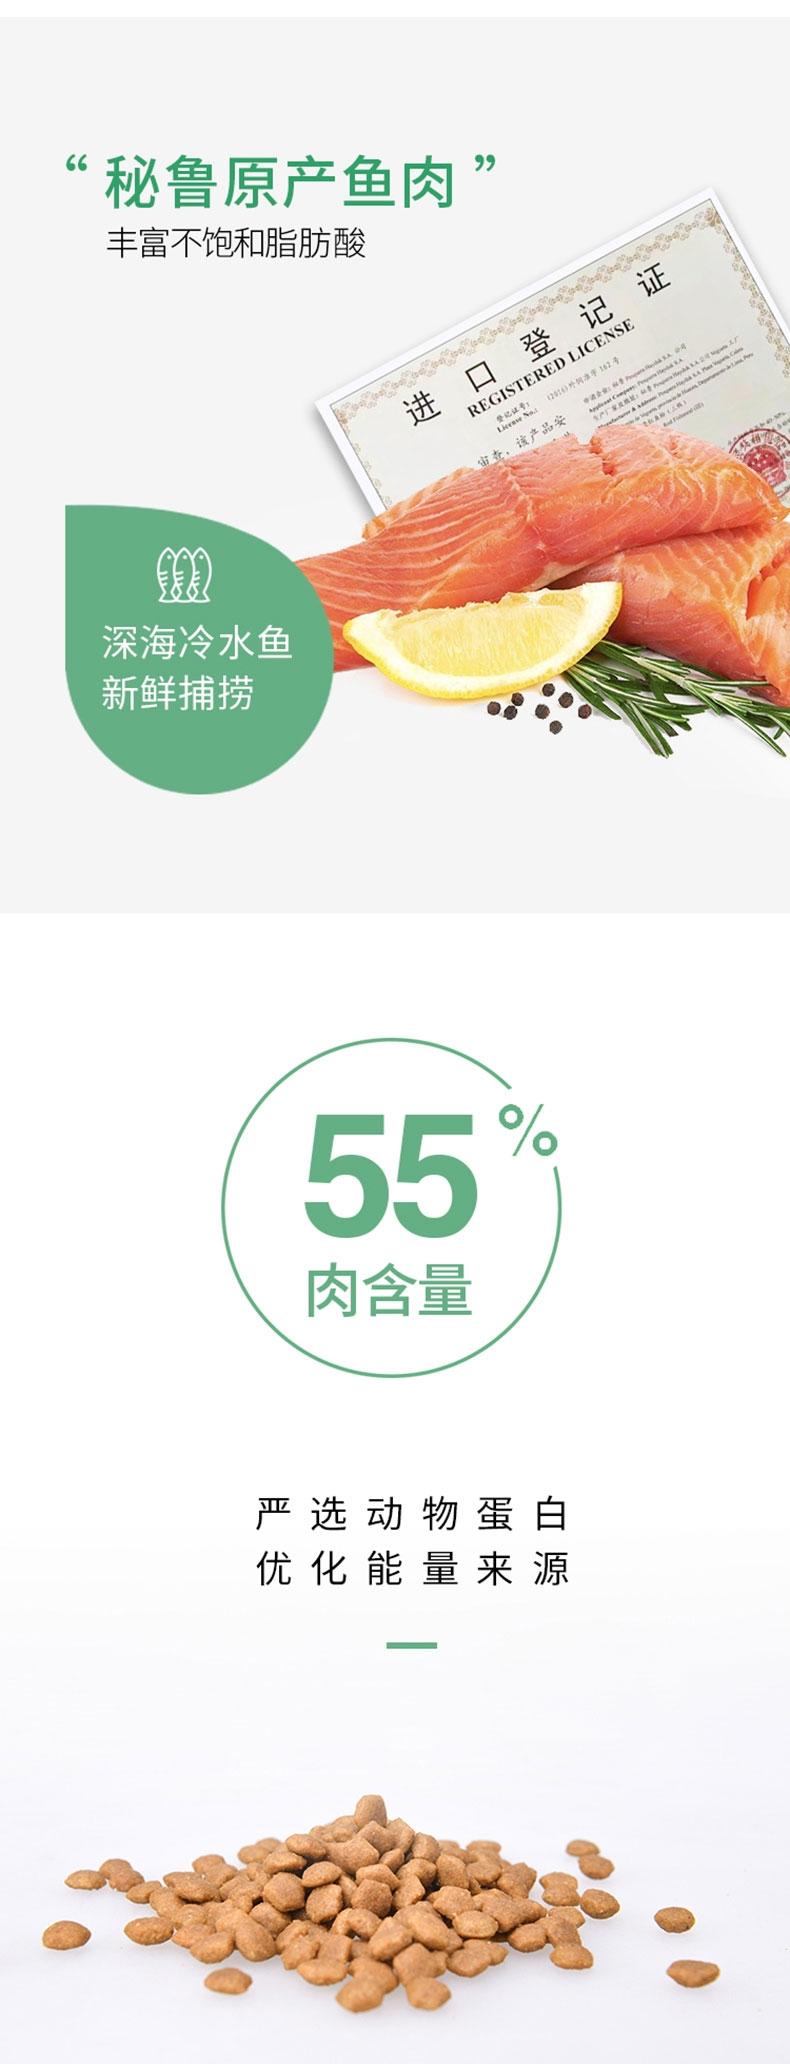 醇粹 贵宾专用全犬粮 1.5kg 55%肉含量